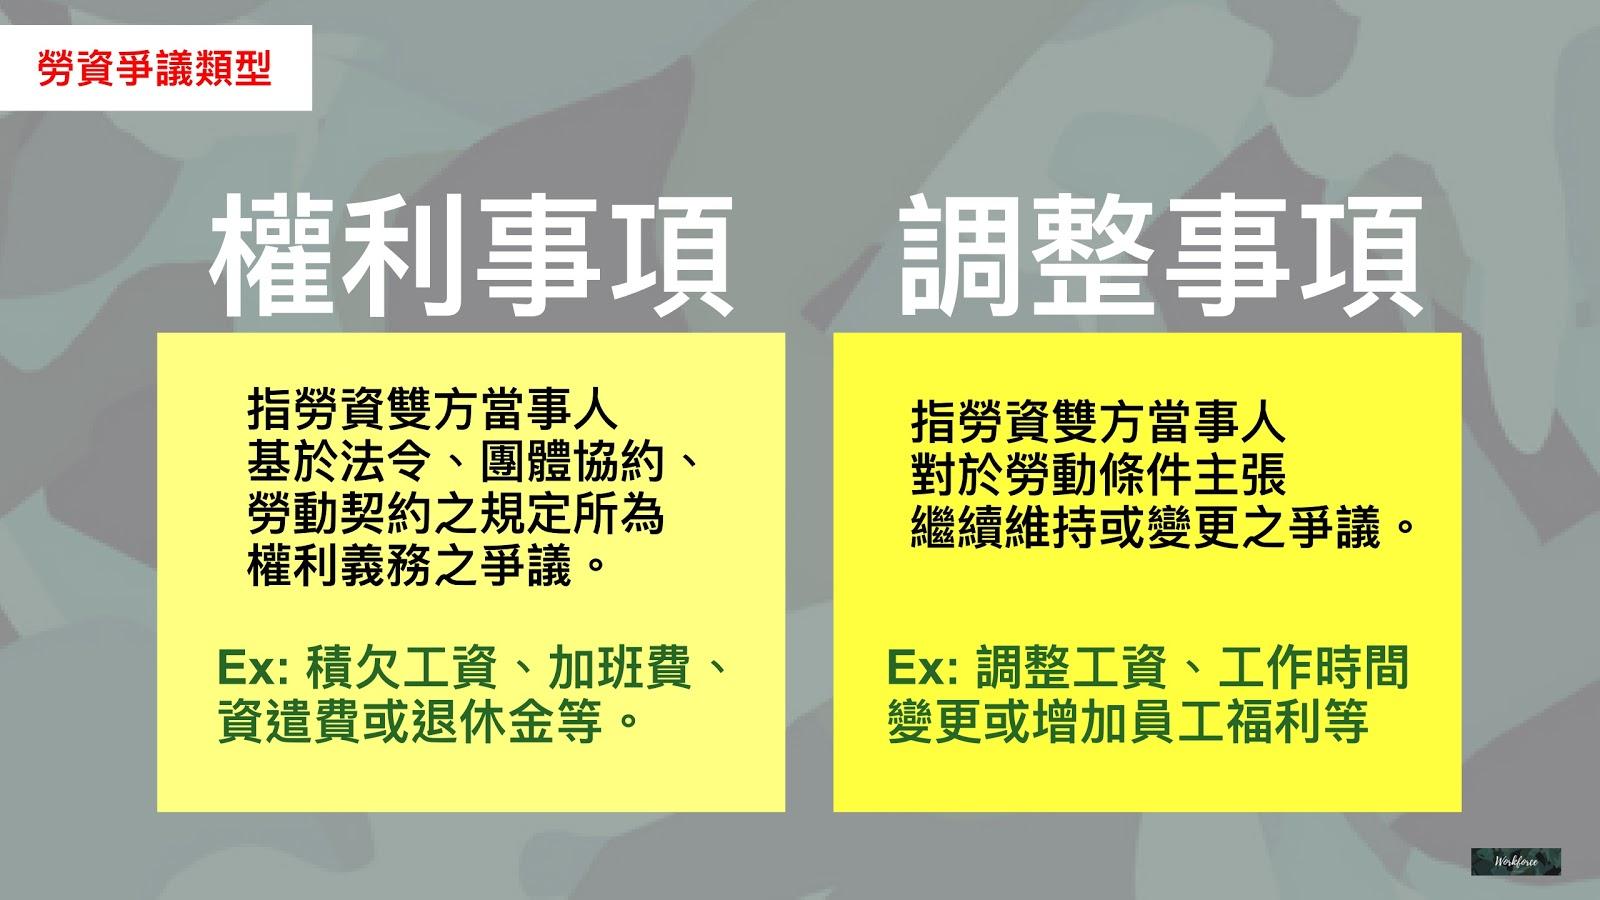 勞資爭議類型:權利事項與調整事項